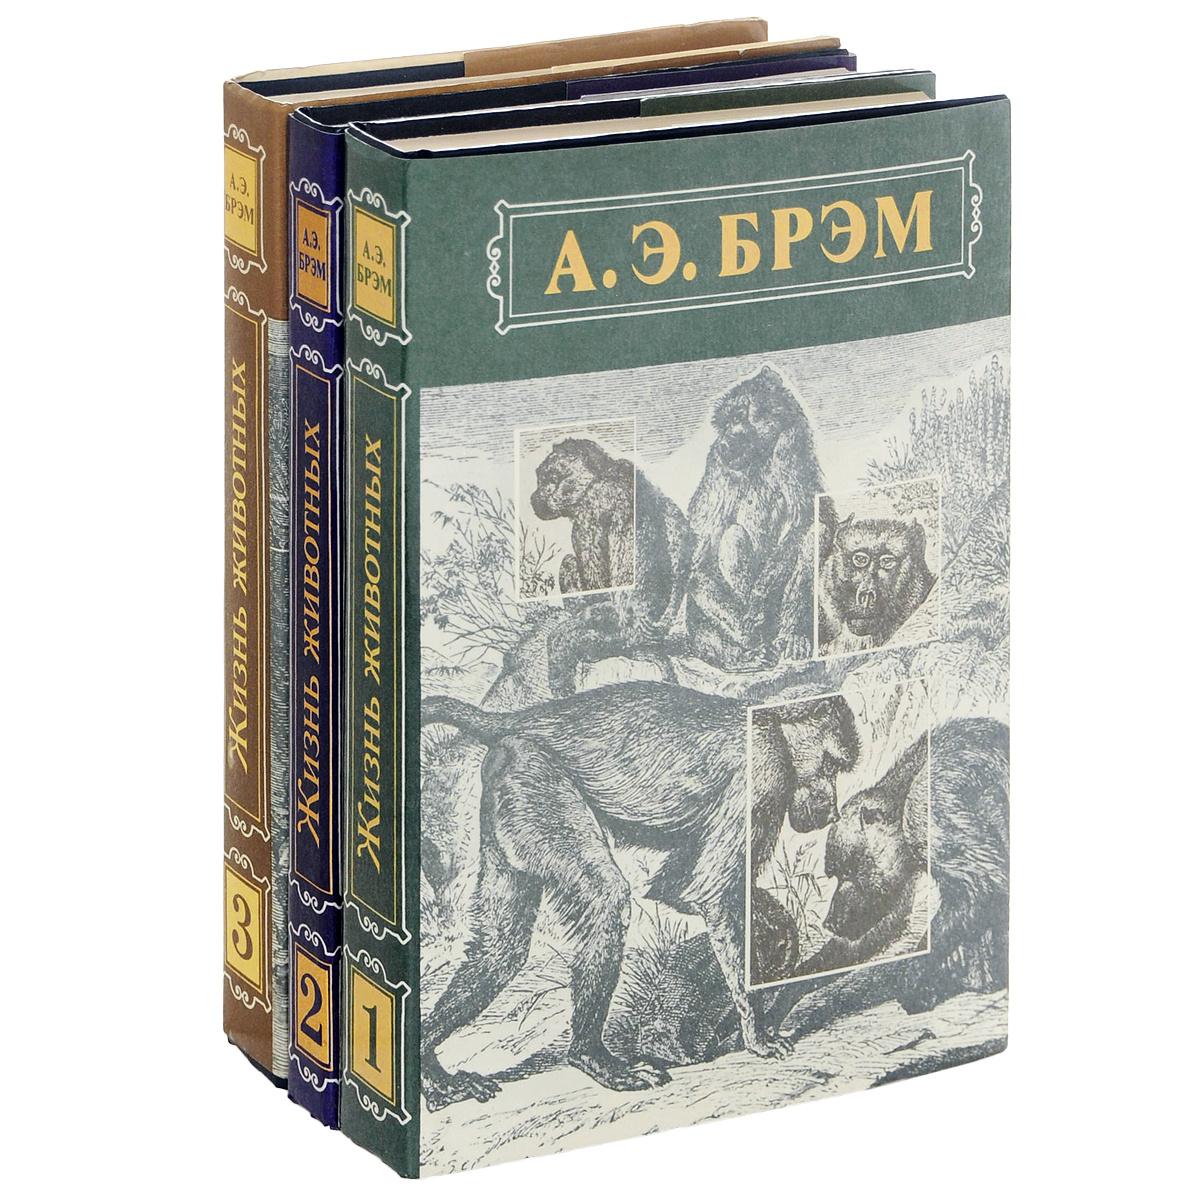 Жизнь животных (комплект из 3 книг) | Брэм Альфред Эдмунд  #1